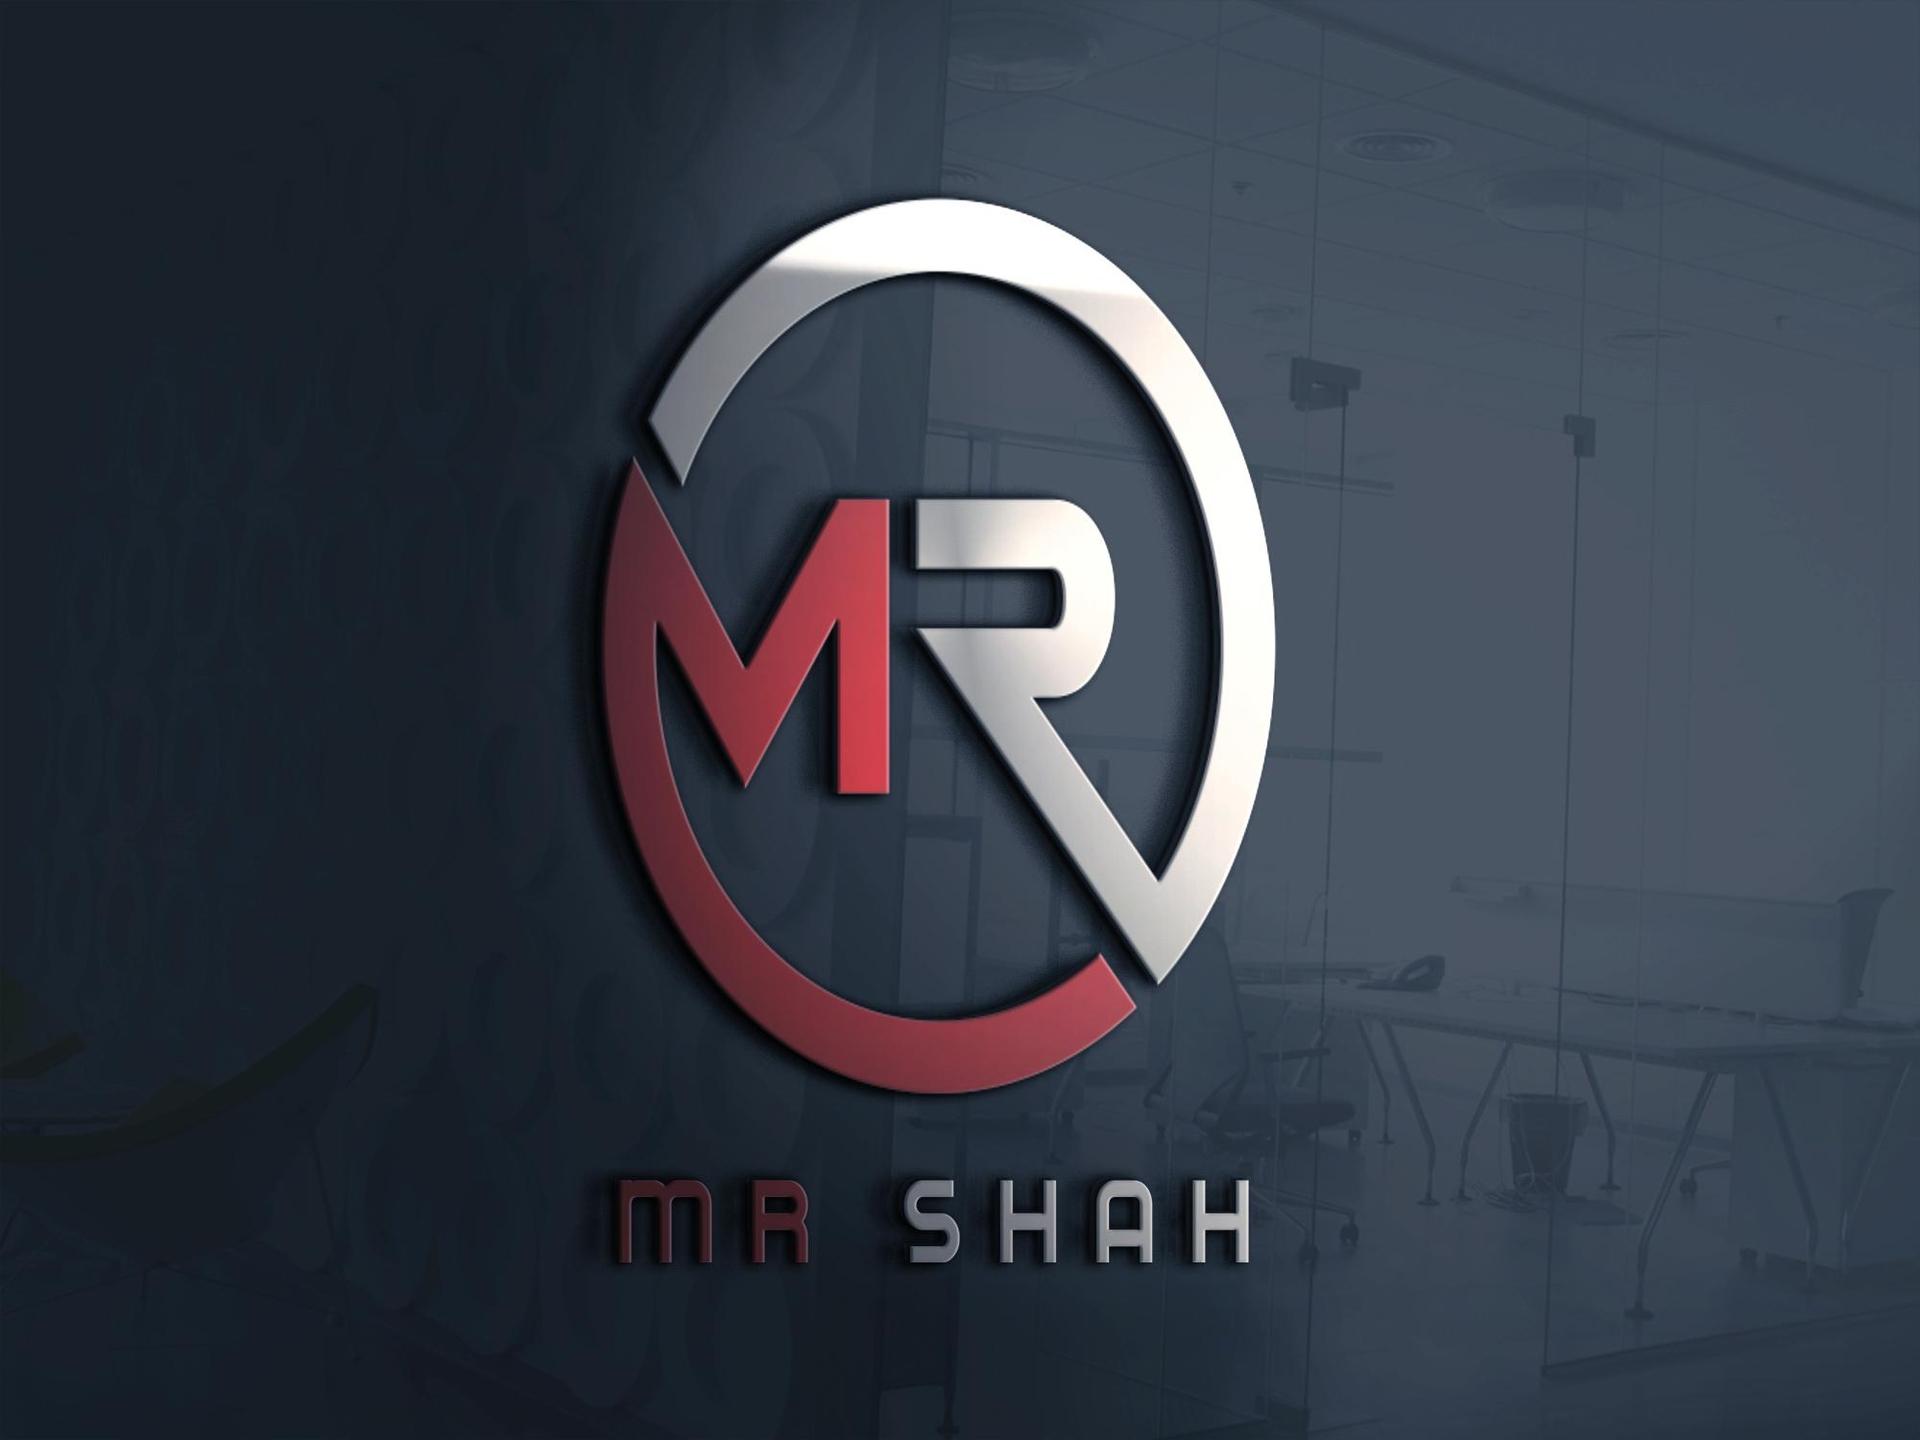 Mr shah (@mrshah) Cover Image